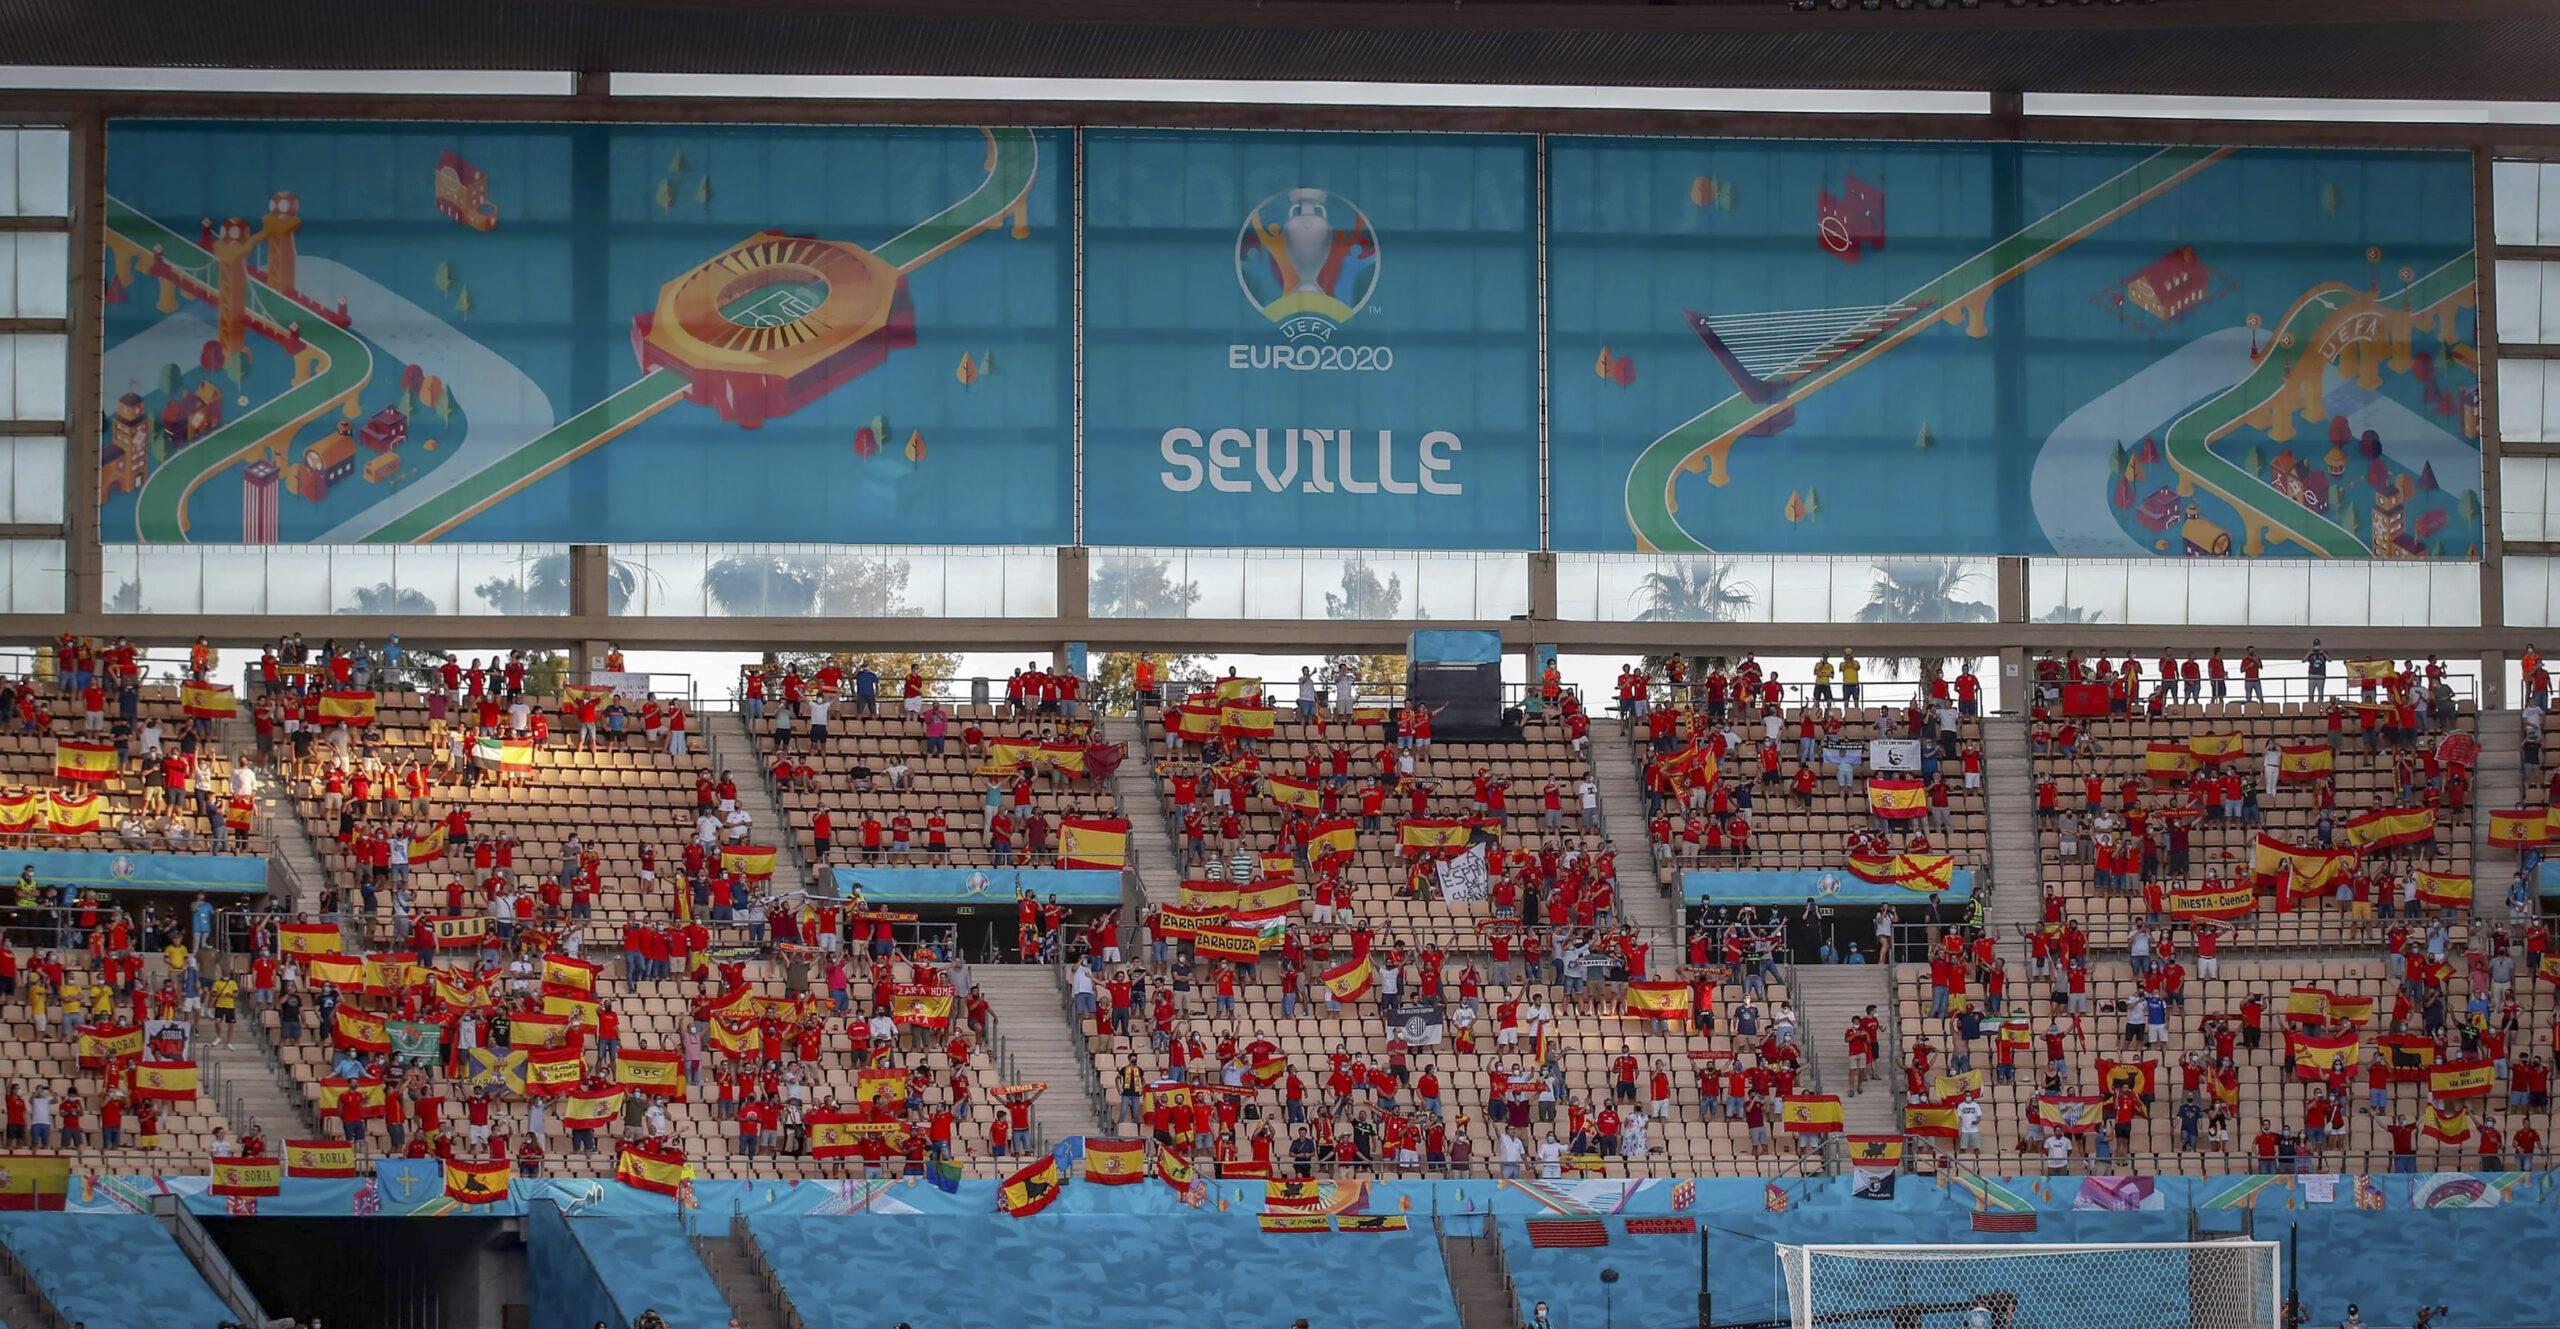 Publicidad en estadios de fútbol